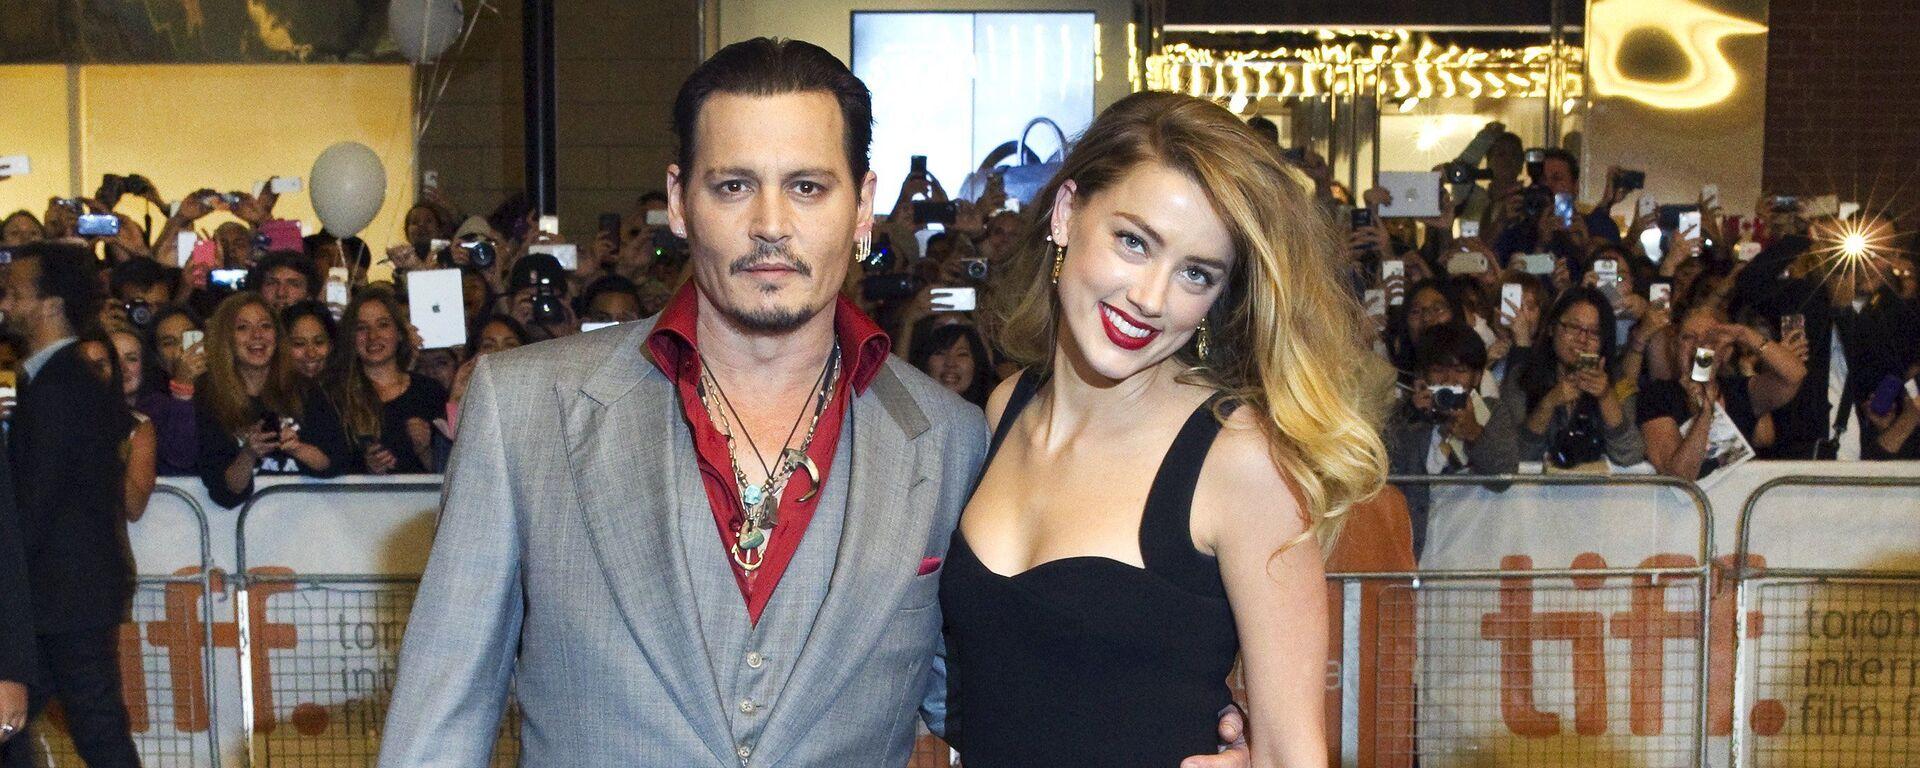 El actor Johnny Depp junto a su exesposa, la actriz Amber Heard - Sputnik Mundo, 1920, 09.04.2020